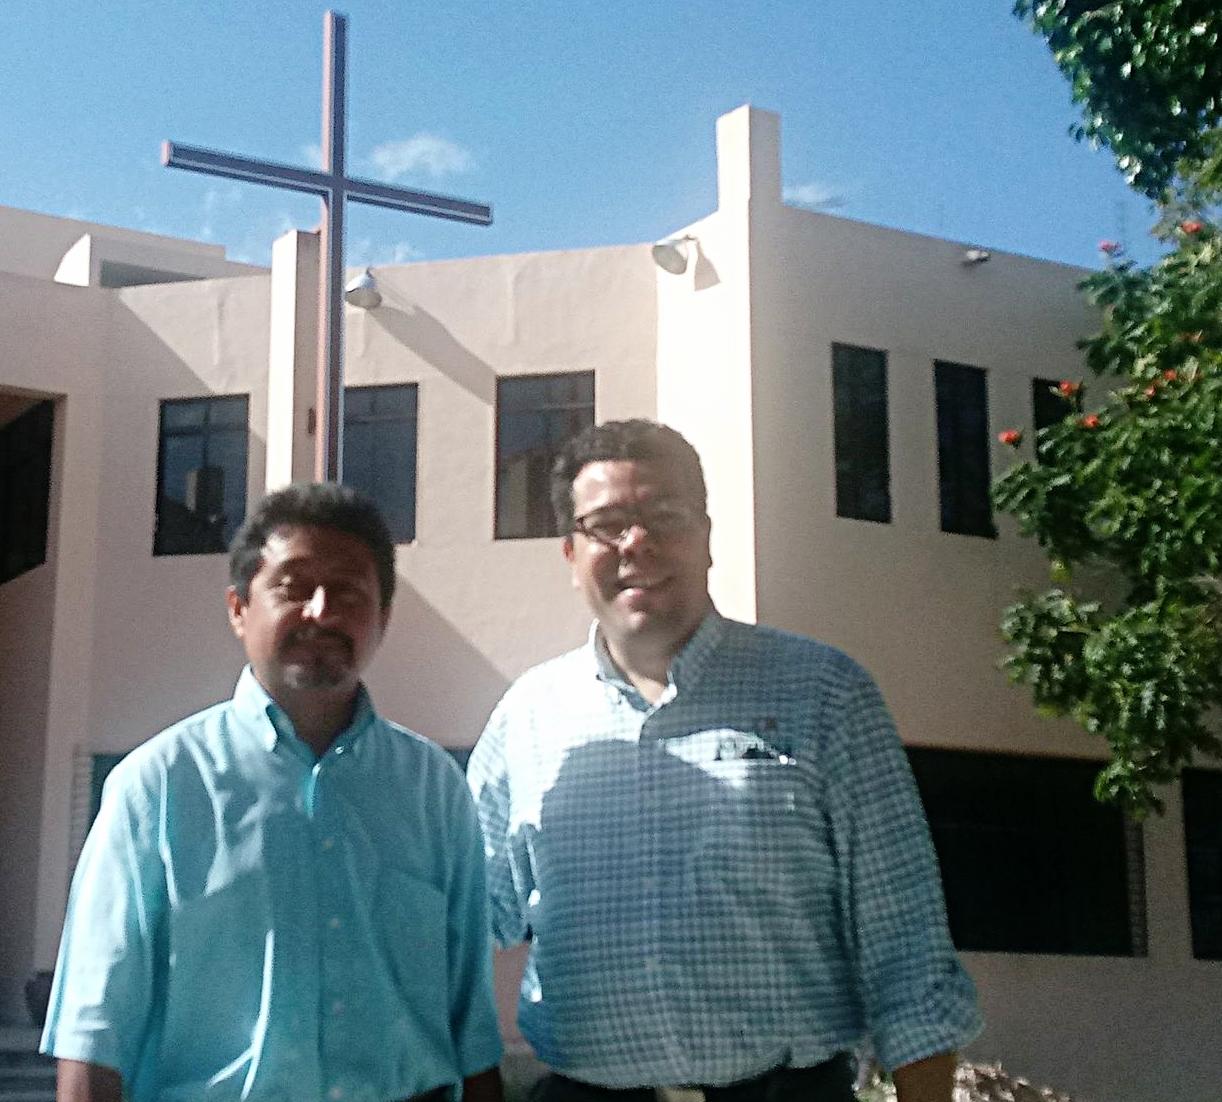 Rev. Amos Cahuich Yam and Outreach associate director Juan Sarmiento